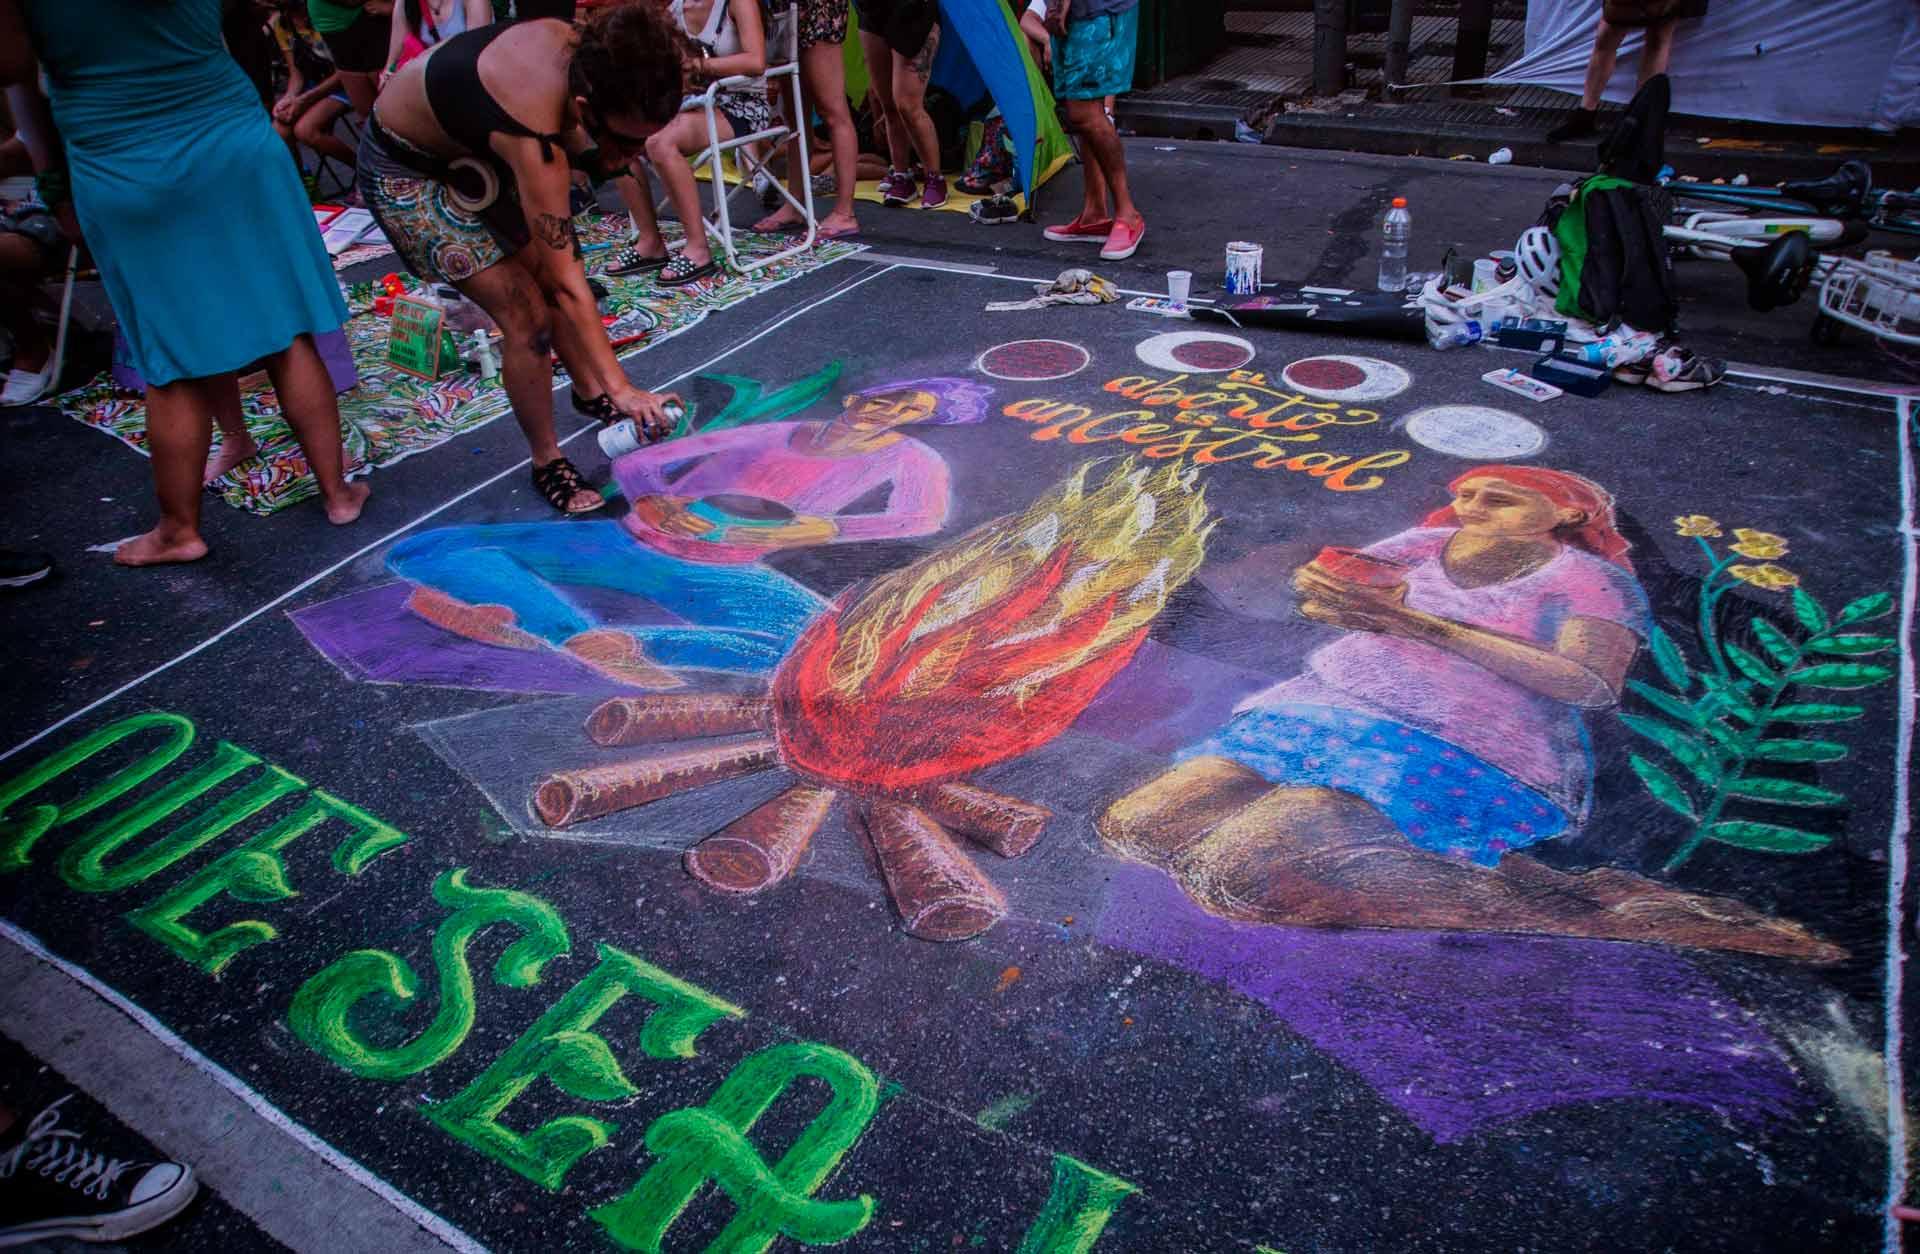 Derechos sexuales los diálogos pendientes _05 - Daniela_Cilli